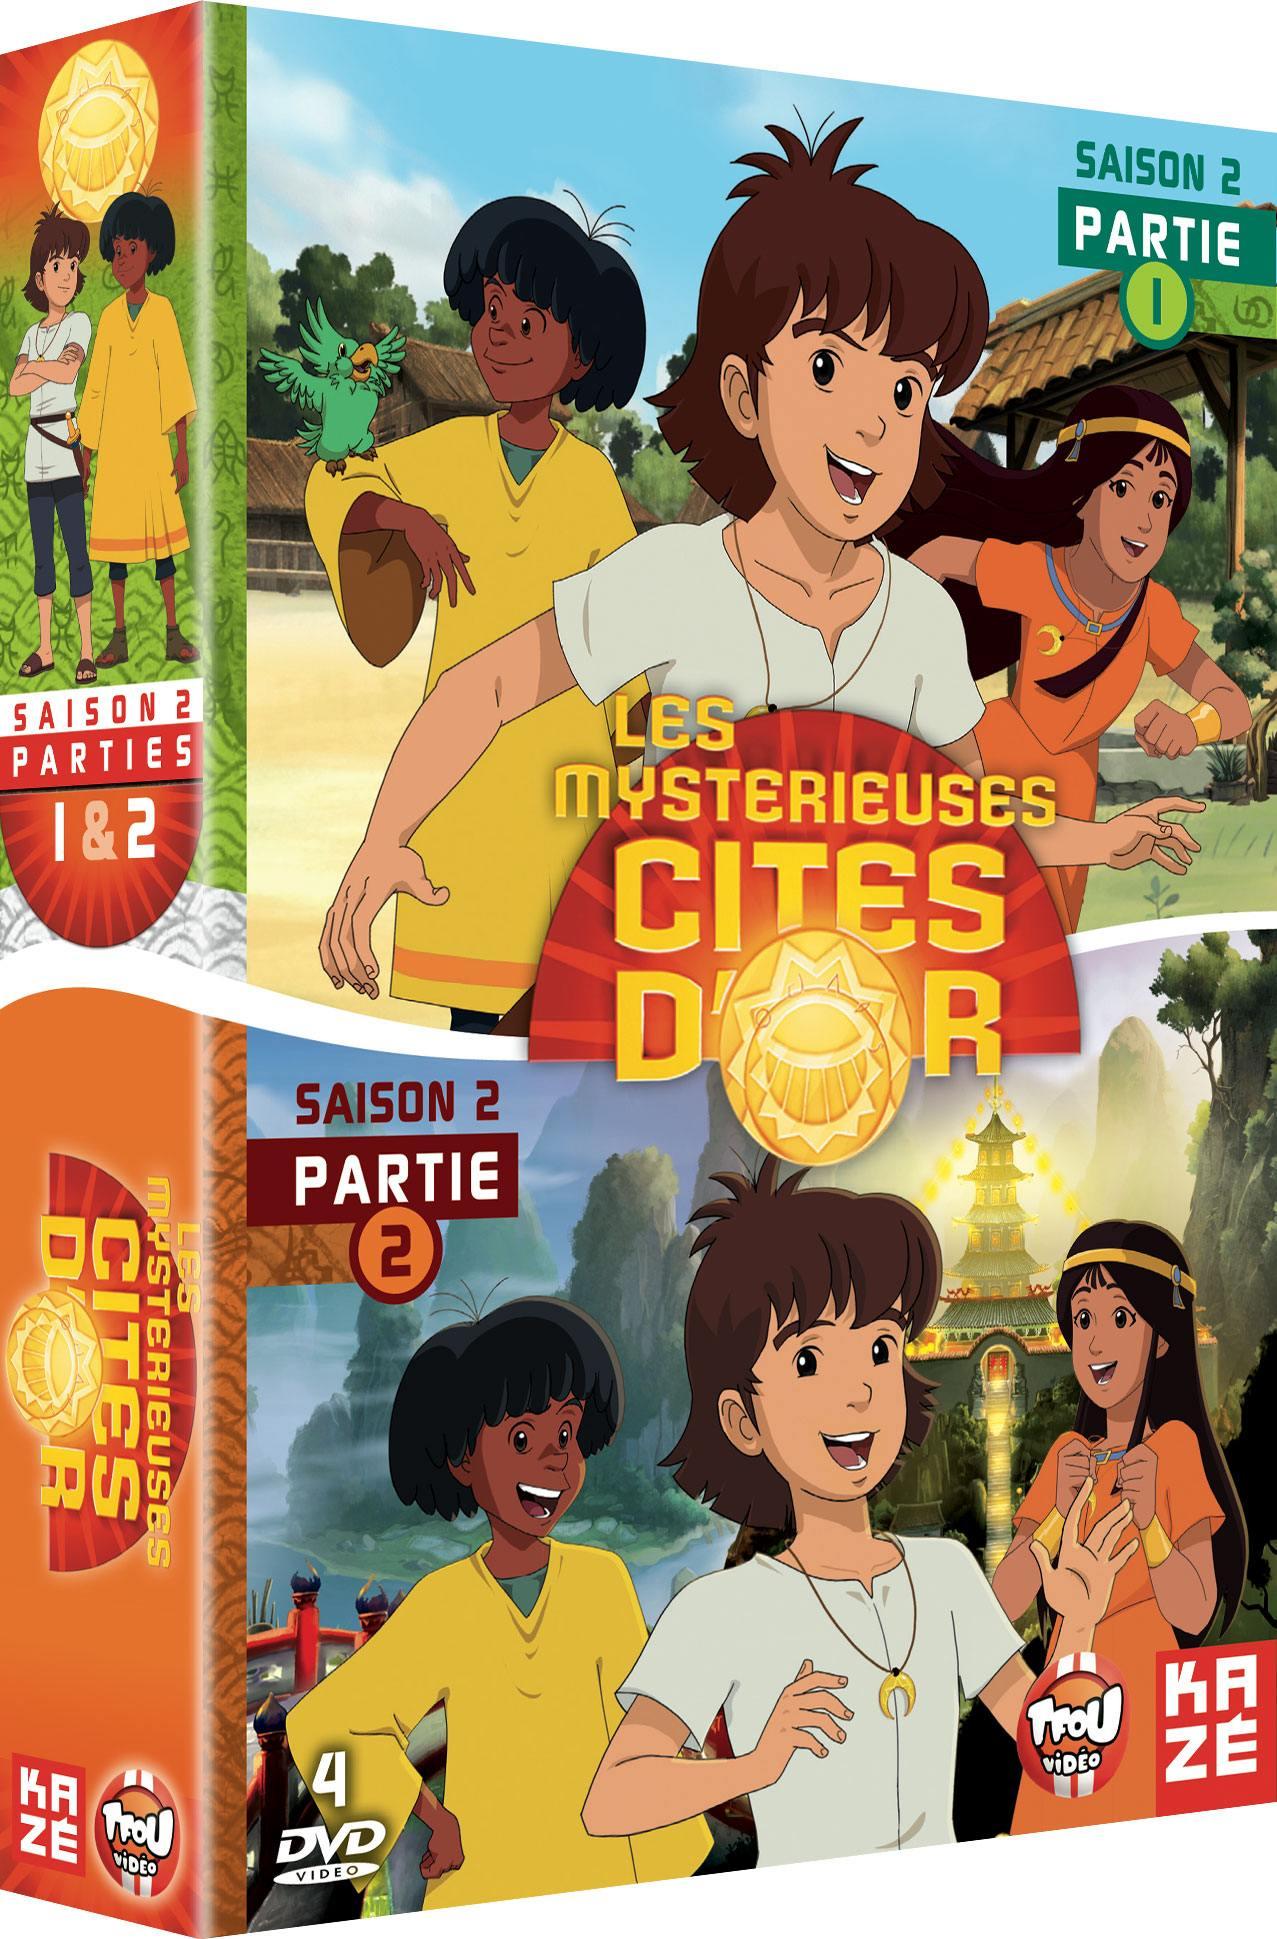 Mysterieuses cites d or (les) - saison 2 - partie 1 et 2 - 4 dvd - exclu sites m